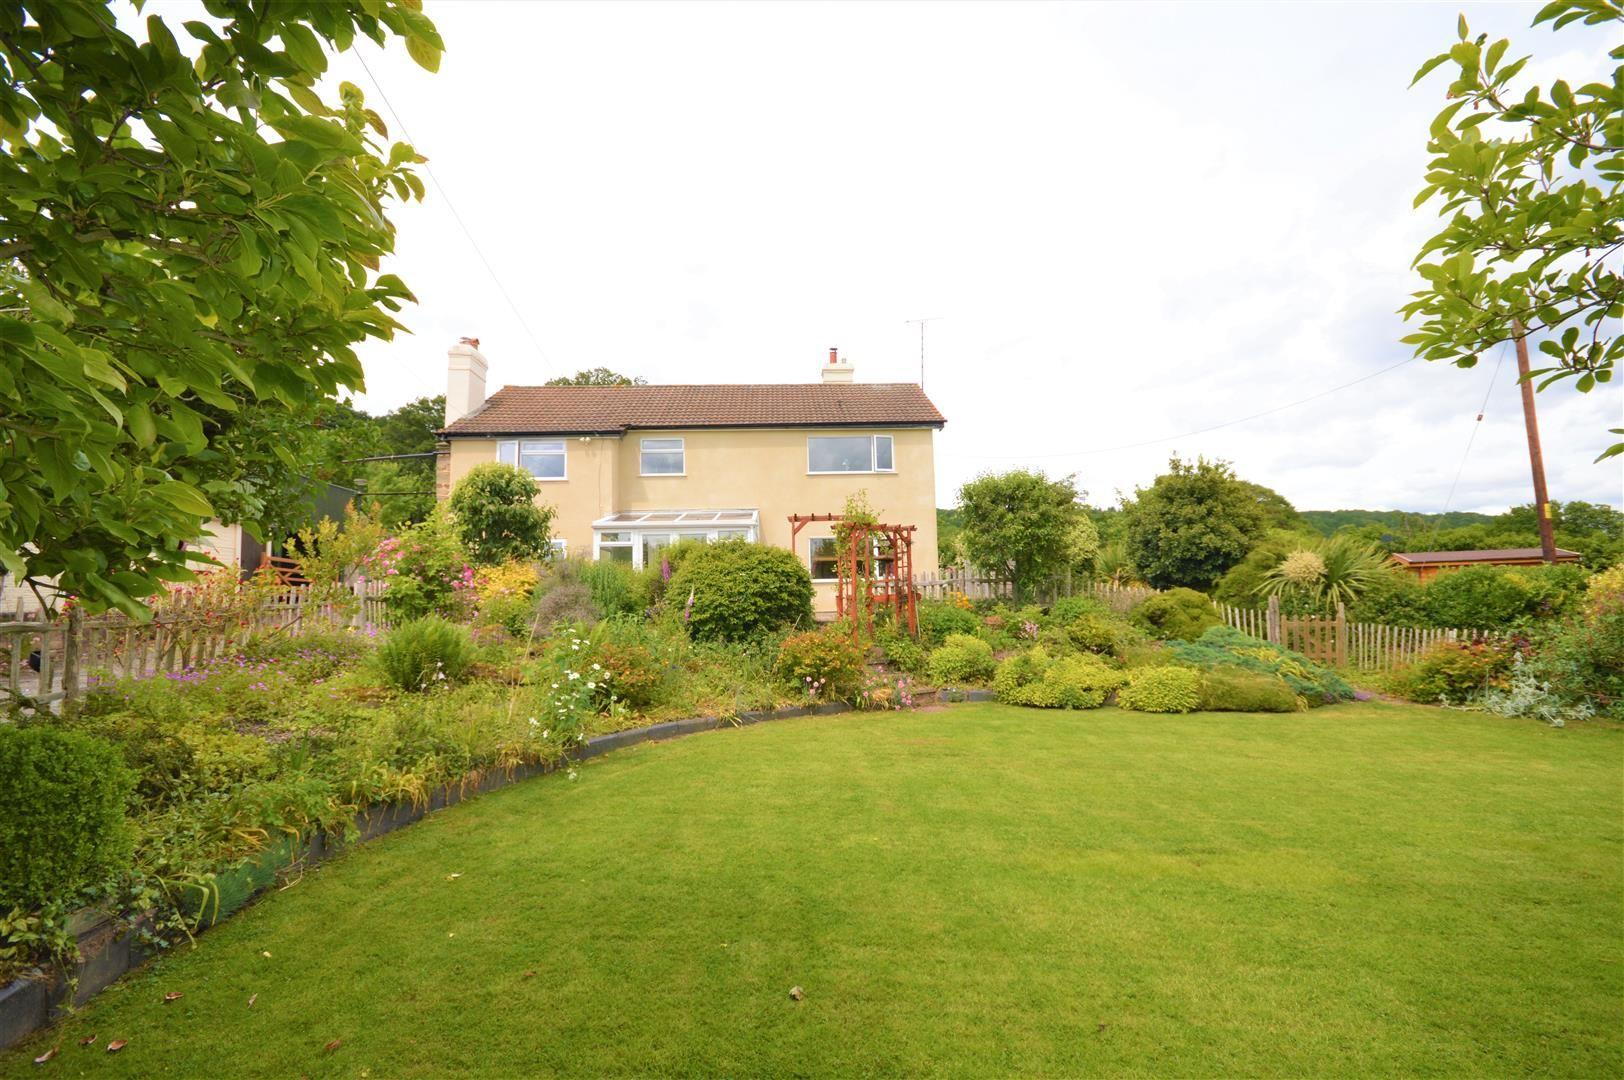 4 bed detached for sale in Tillington  - Property Image 4